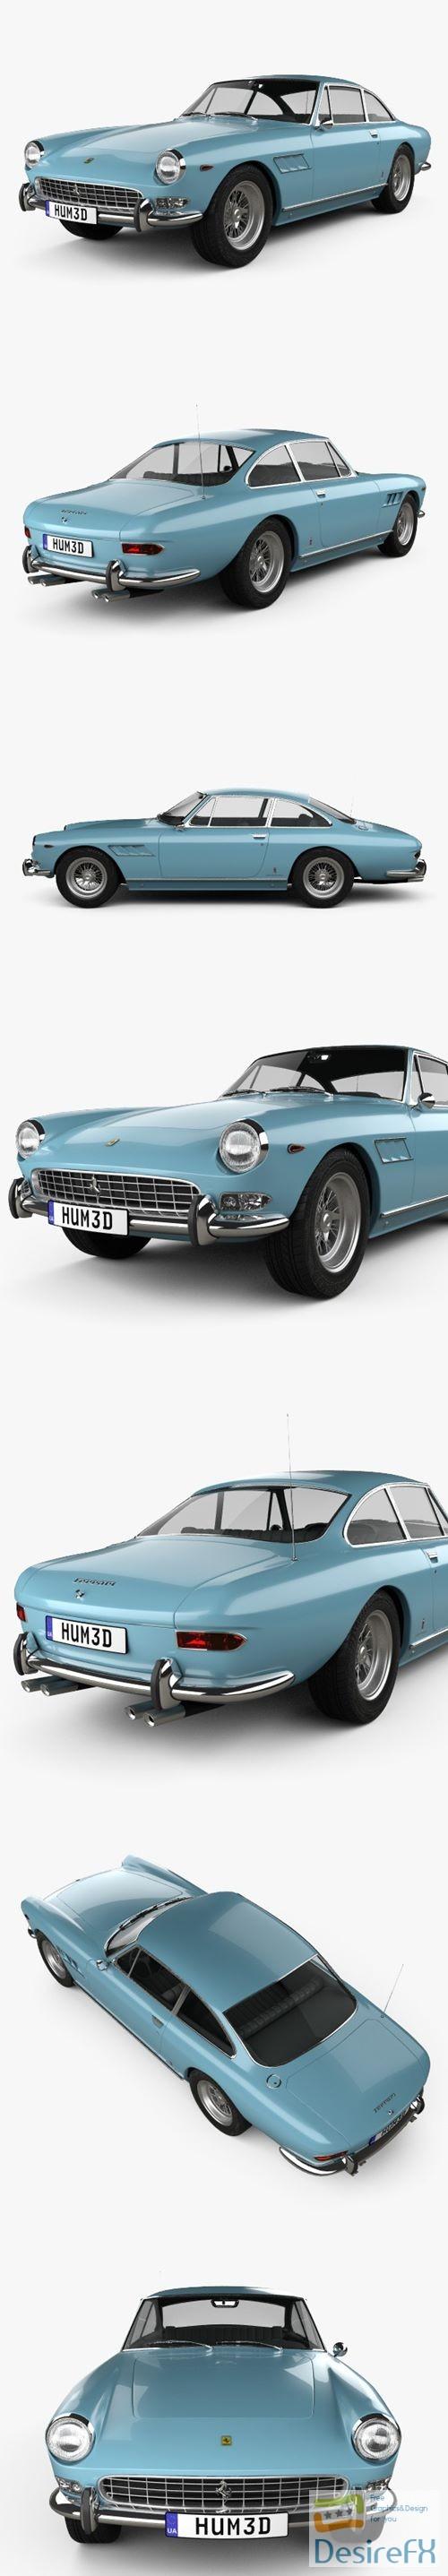 3d-models - Ferrari 330 GT 2+2 1965 3D Model